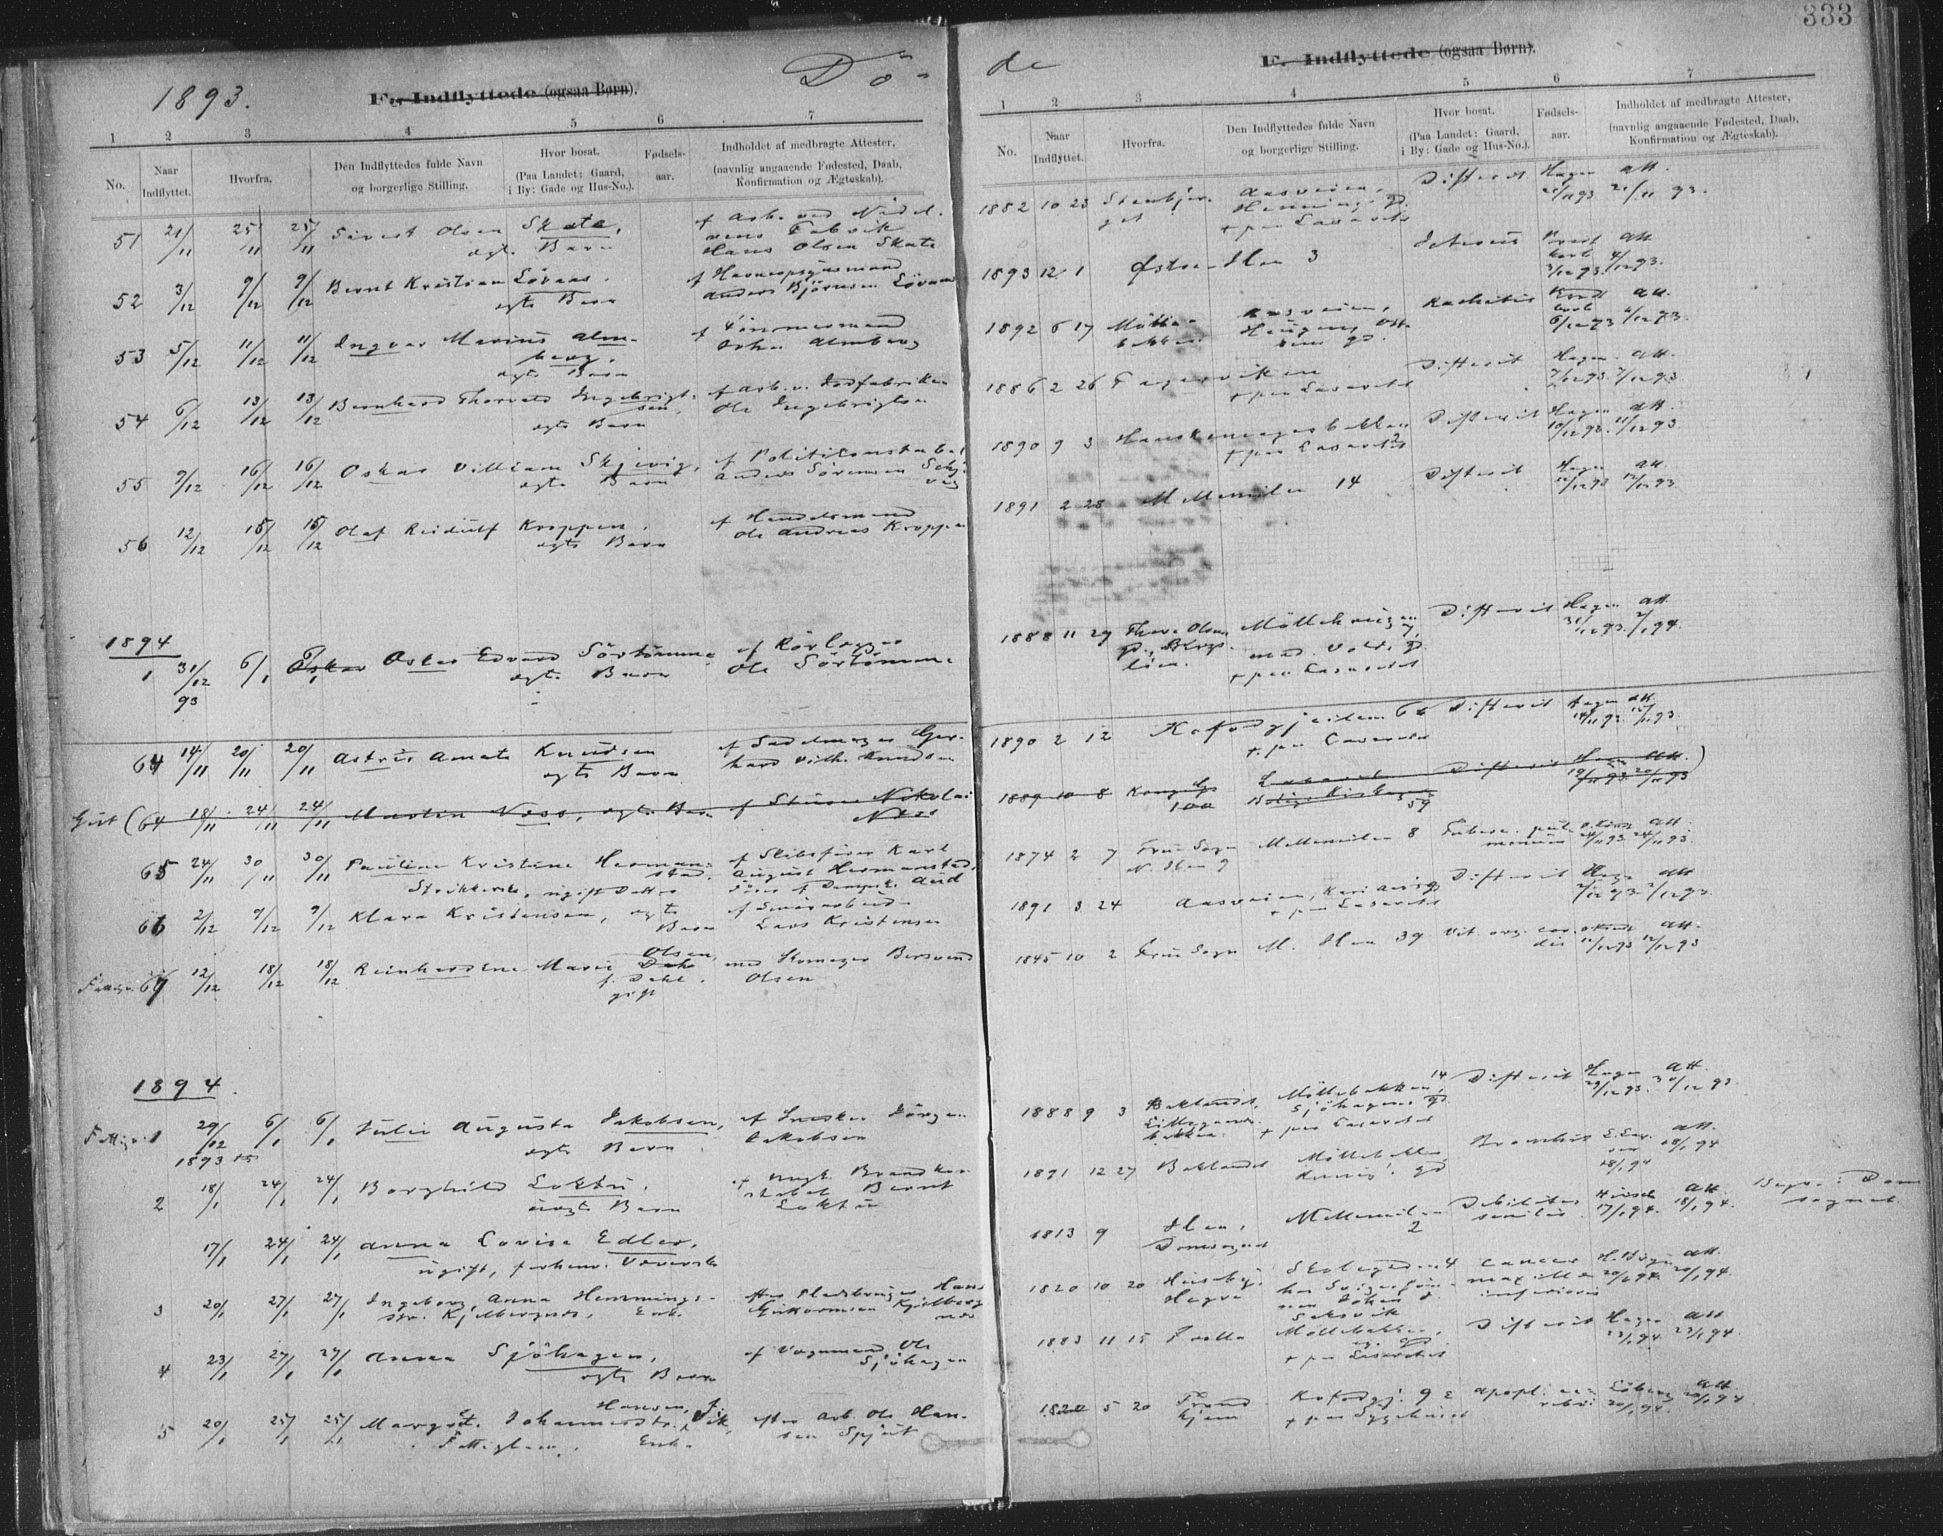 SAT, Ministerialprotokoller, klokkerbøker og fødselsregistre - Sør-Trøndelag, 603/L0163: Ministerialbok nr. 603A02, 1879-1895, s. 333